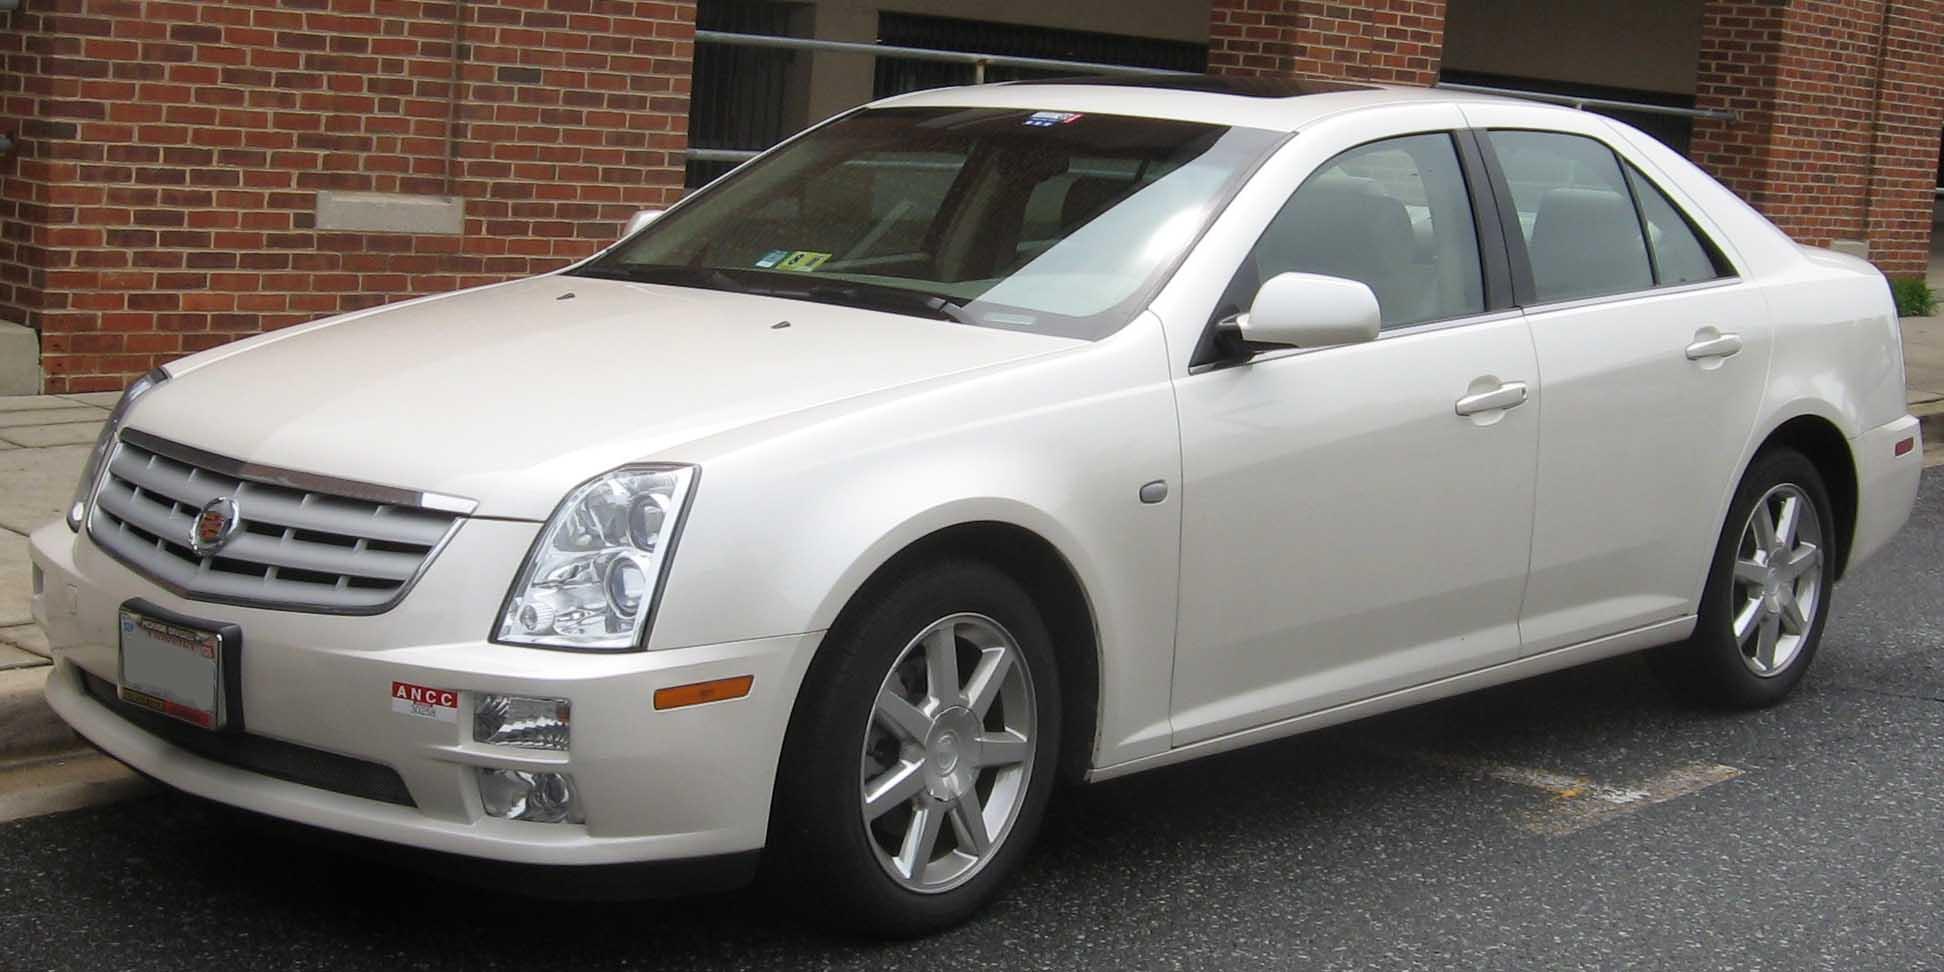 2007 Cadillac Sts Image 13